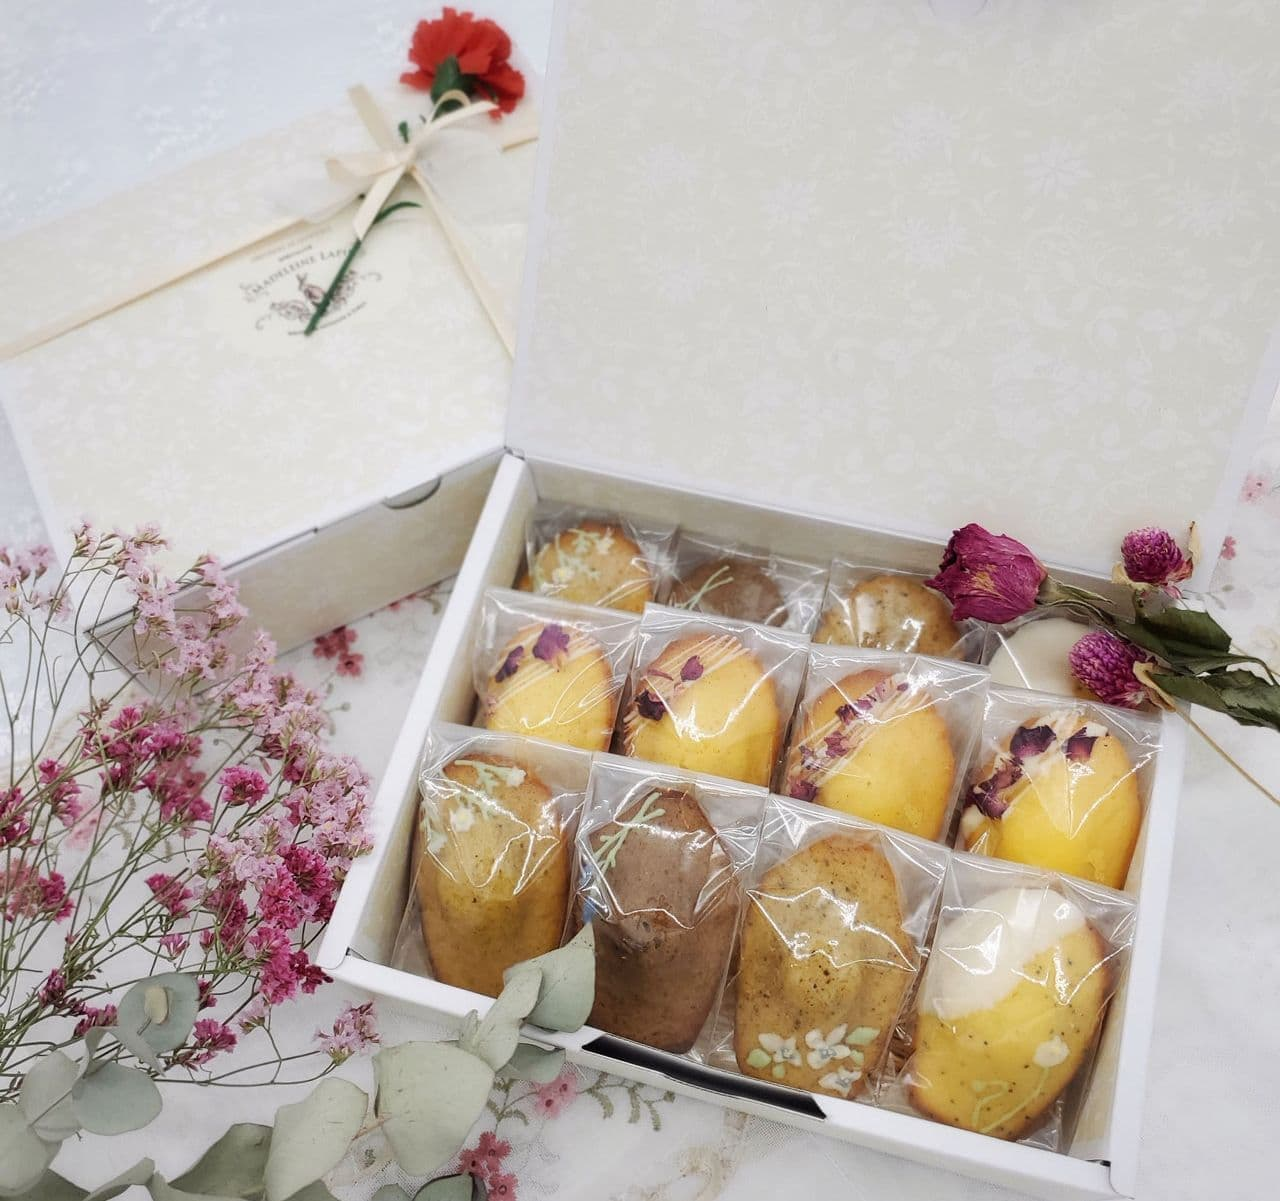 マドレーヌラパン「お花のマドレーヌ」